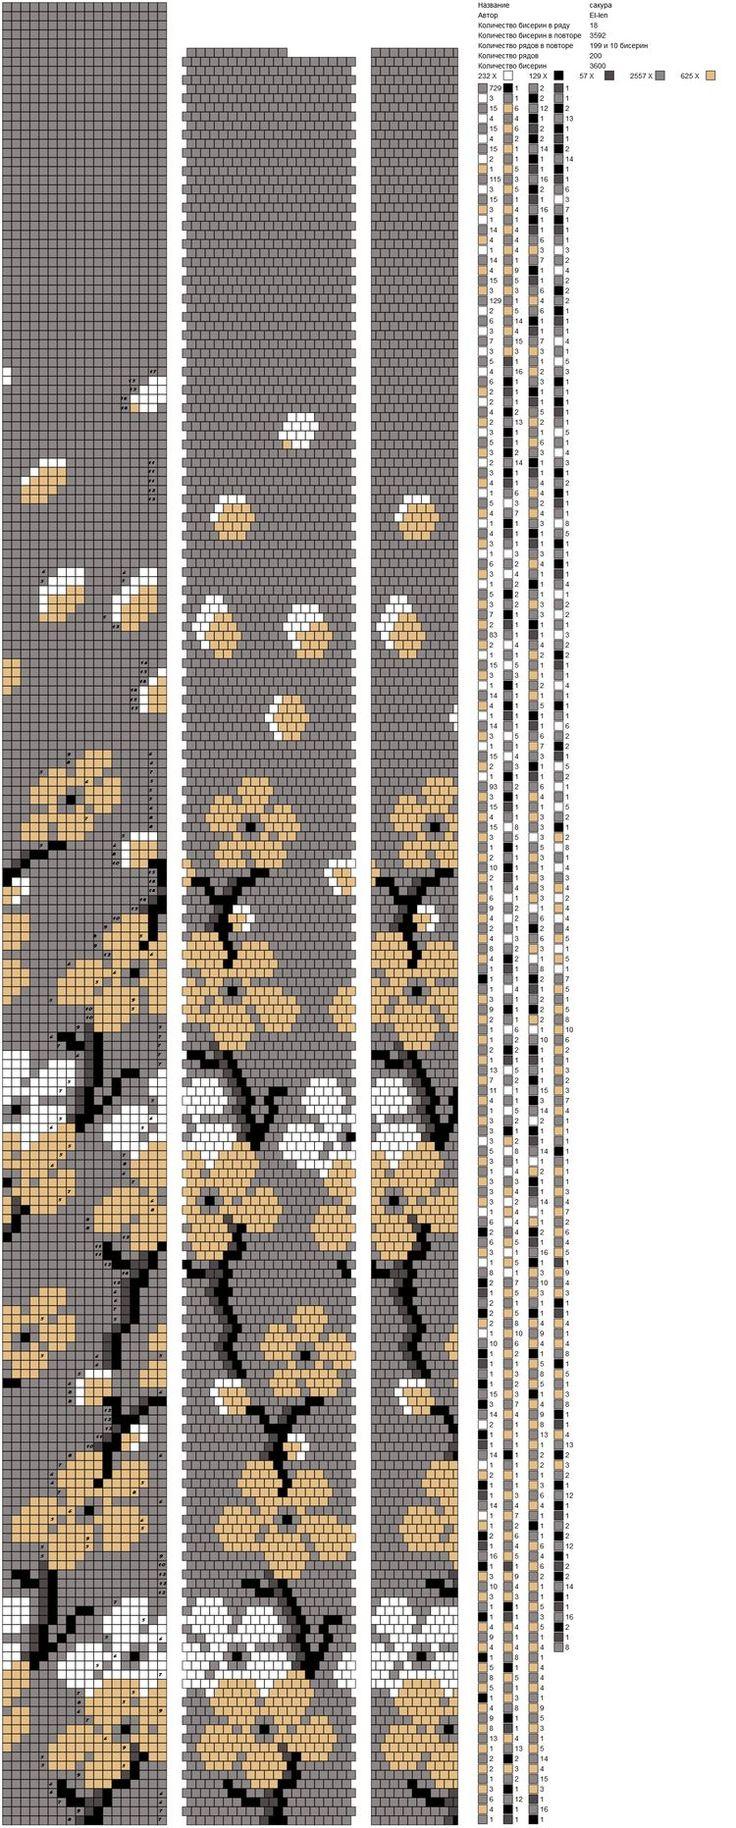 cb601a5aa266f2612faff5b8b26963ba.jpg 750×1.863 píxeles